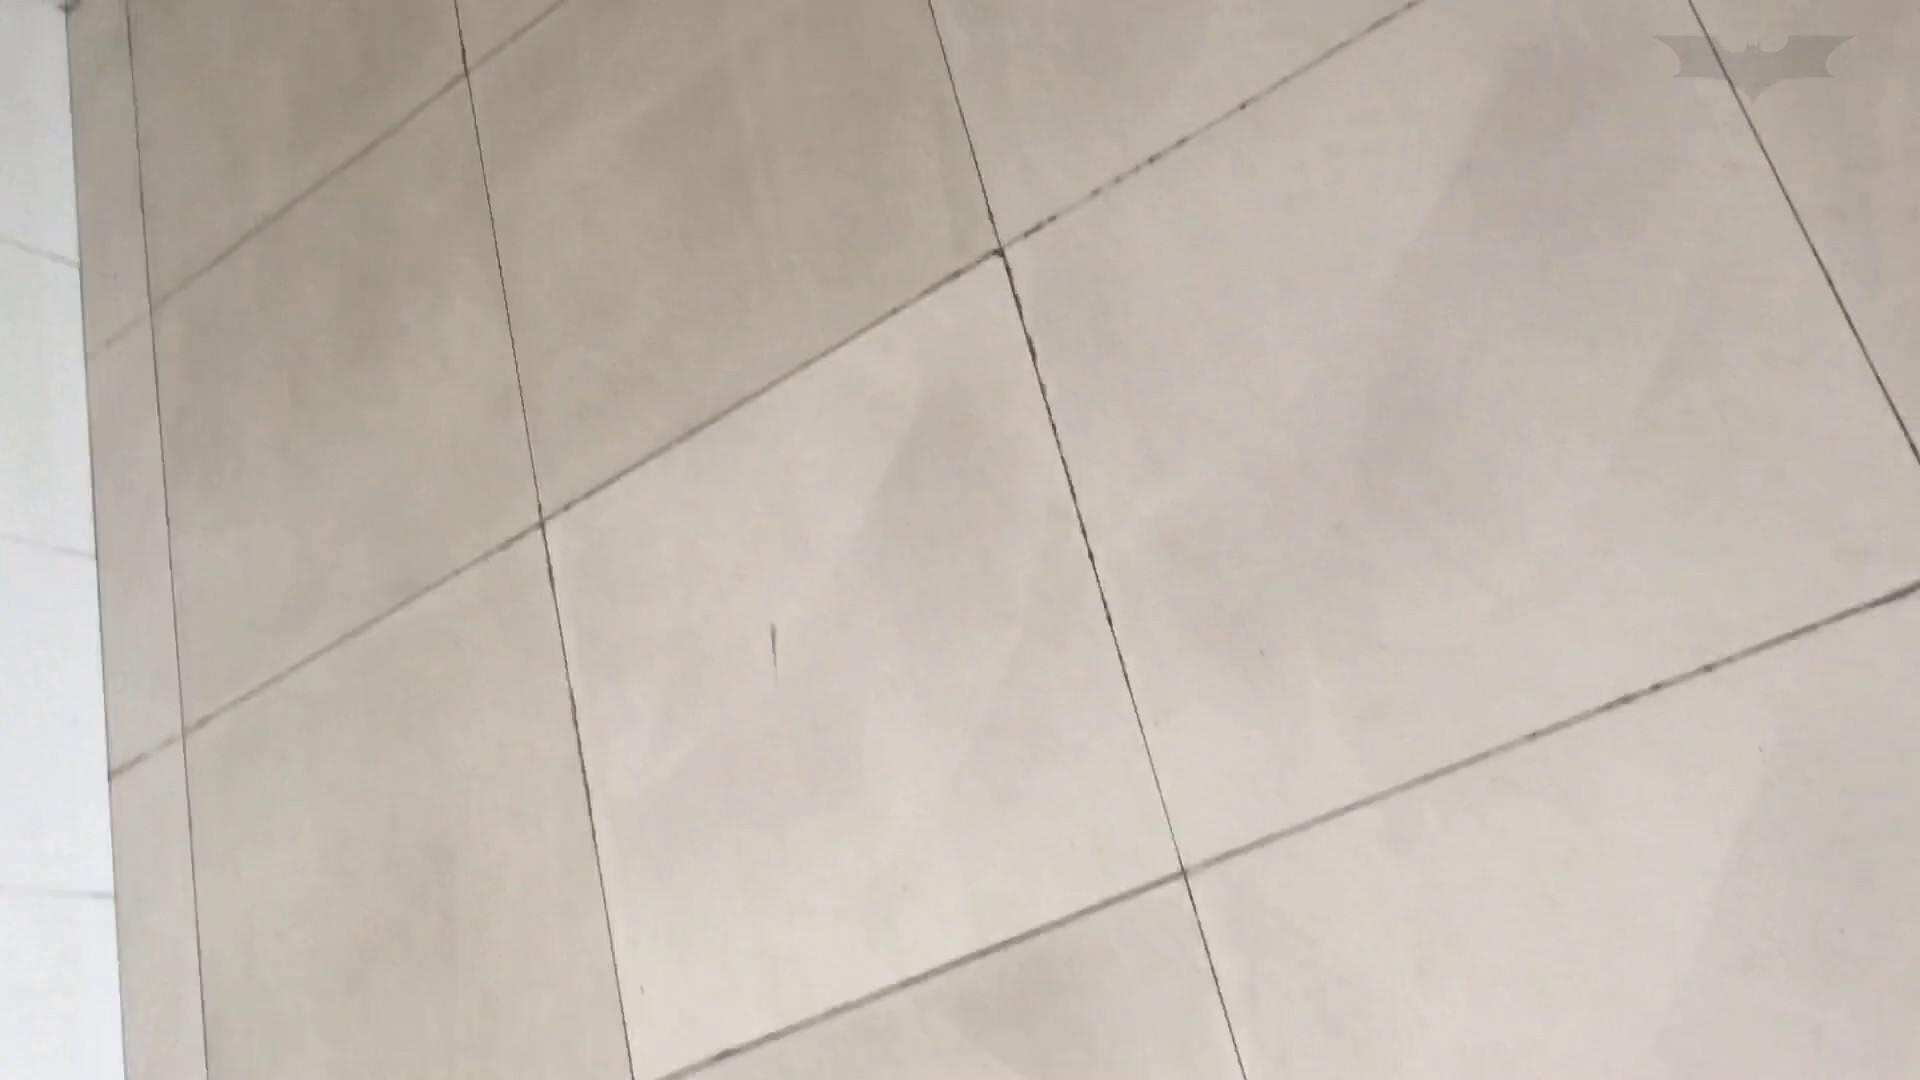 芸術大学ガチ潜入盗撮 JD盗撮 美女の洗面所の秘密 Vol.81 盗撮 オマンコ動画キャプチャ 83pic 15